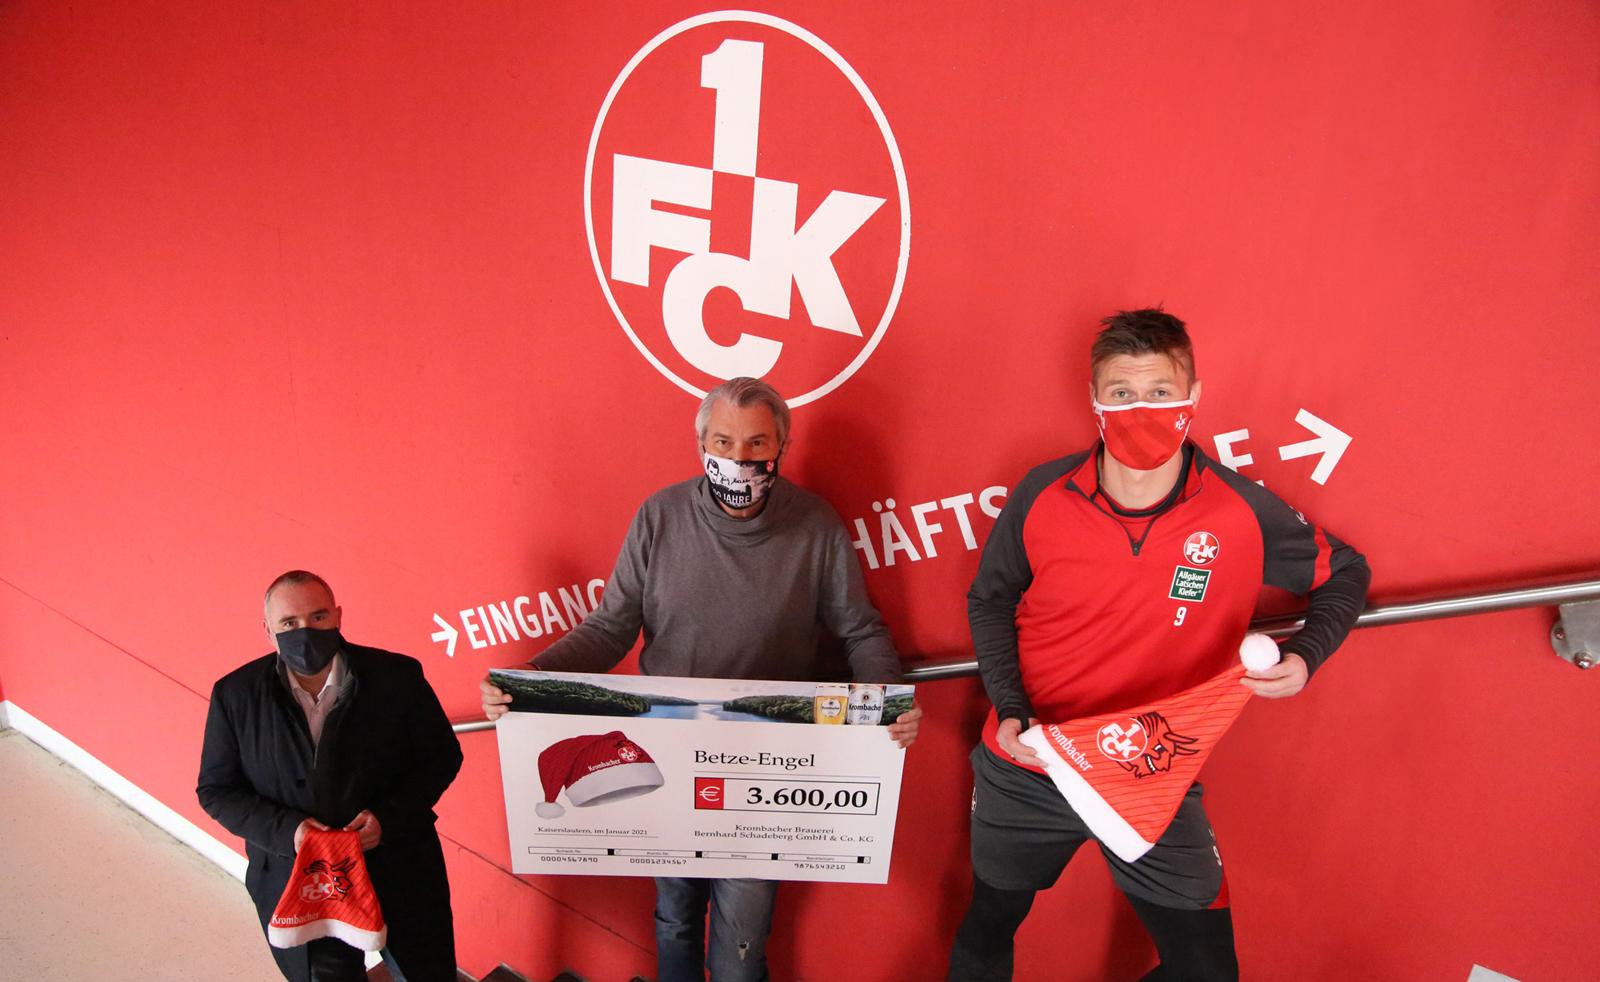 FCK-Stadionsprecher Horst Schömbs und Marvin Pourié nehmen den Spendenscheck von Krombacher für die Betze-Engel entgegen